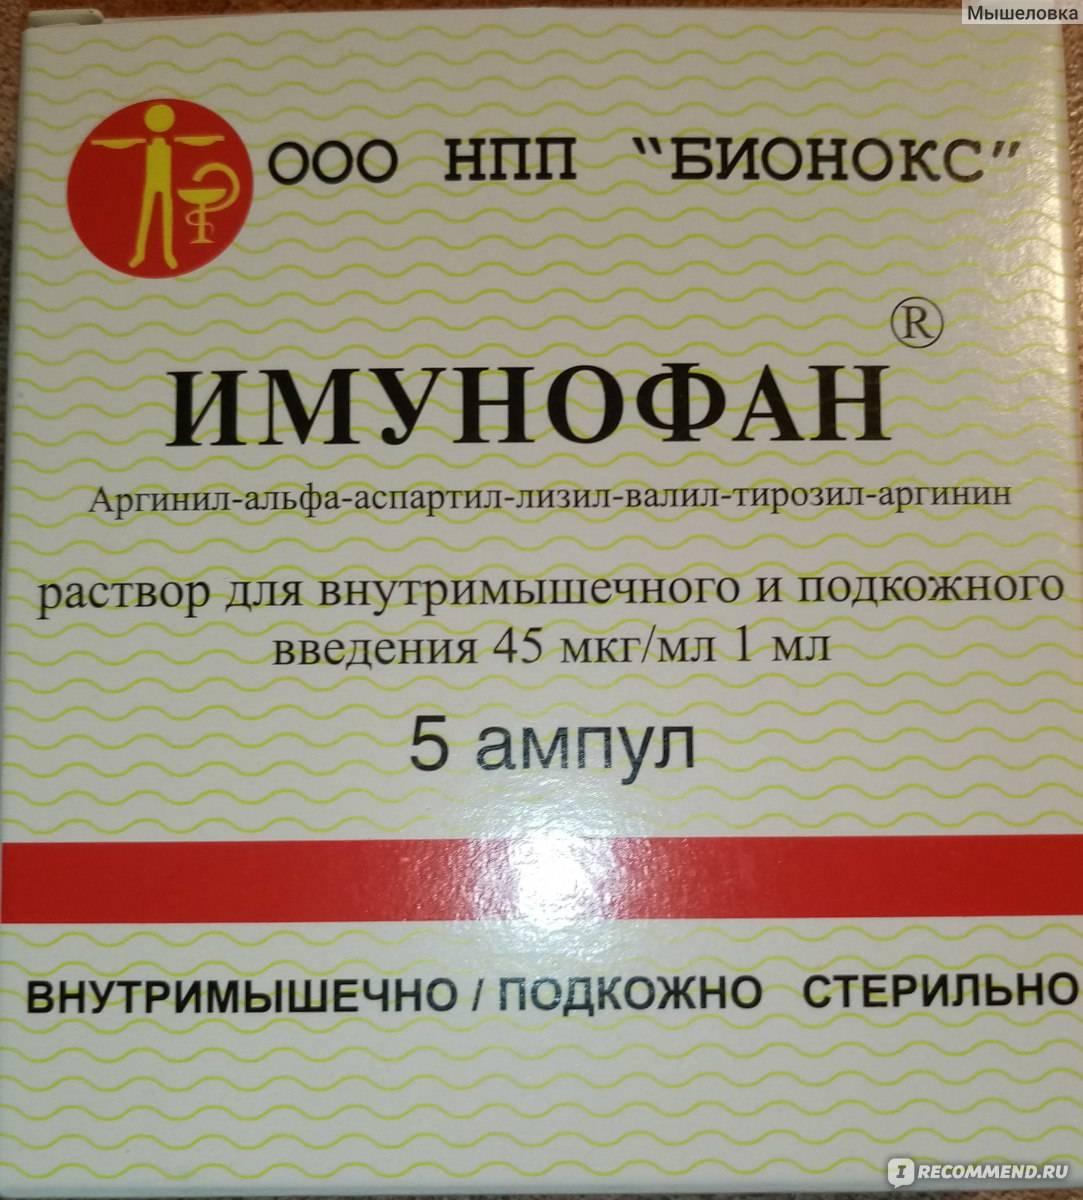 Имунофан: описание, инструкция, цена   аптечная справочная ваше лекарство